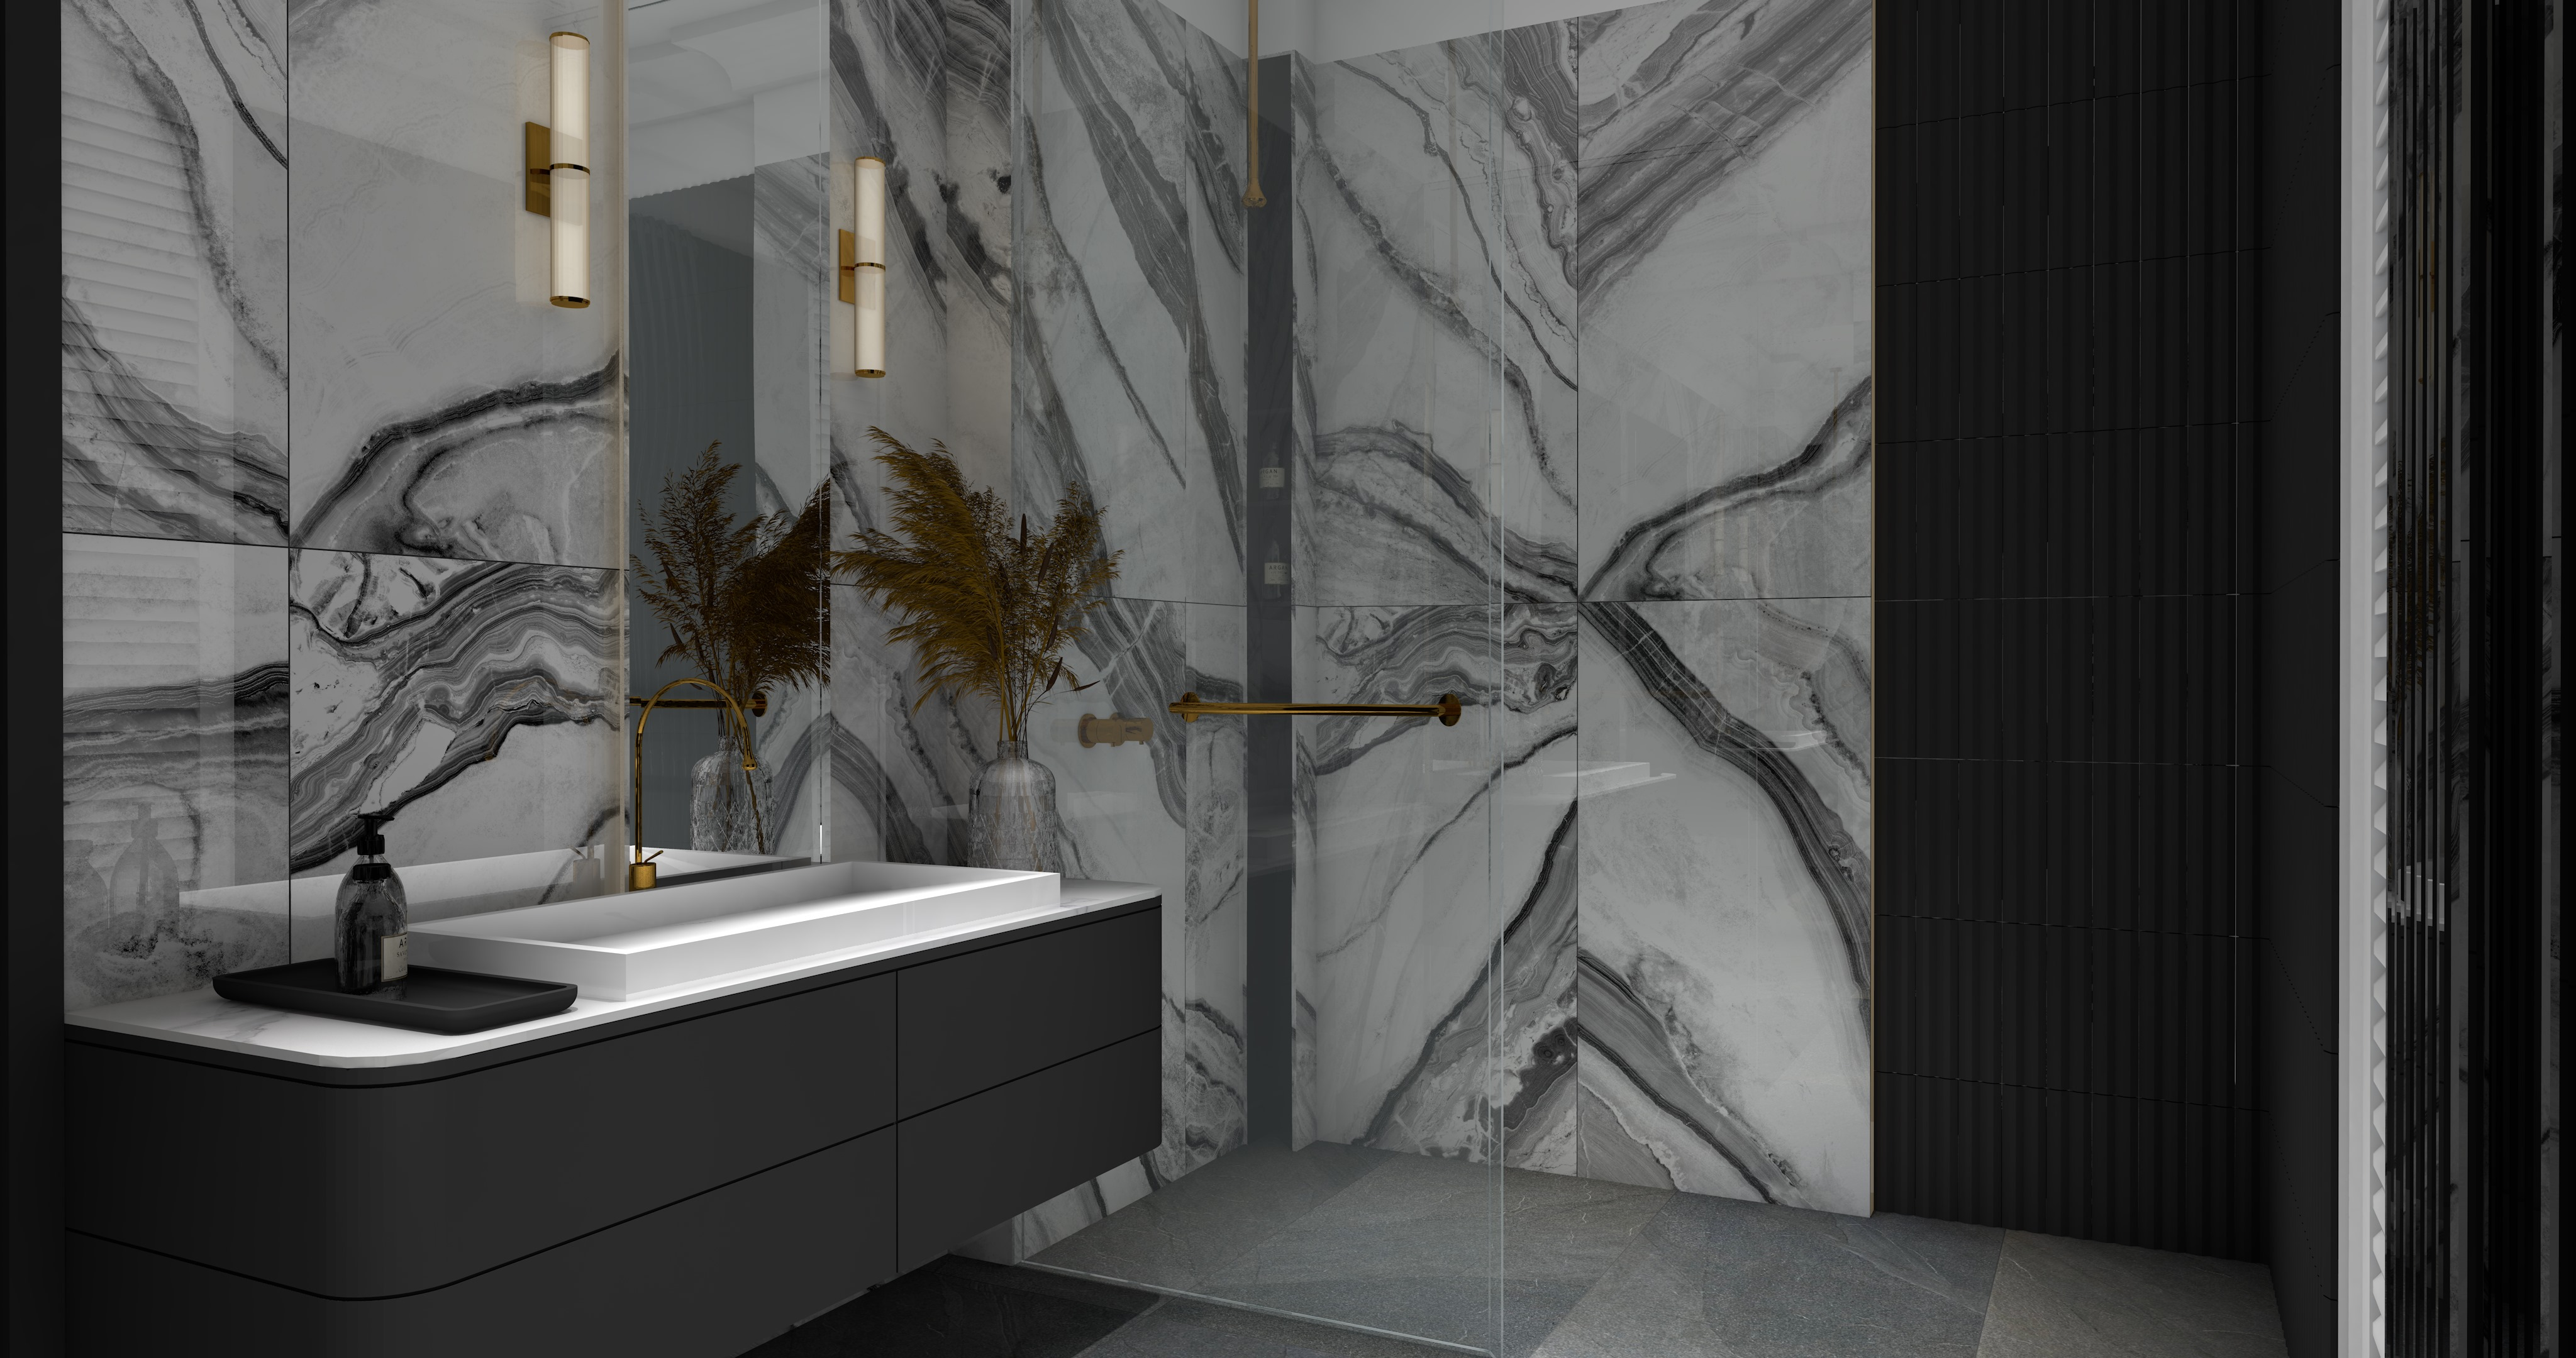 Łazienka utrzymana w ciemnej kolorystyce z czarną szafką wiszącą, białą umywalką, lustrem, kinkietami i płytkami ściennymi Panda White